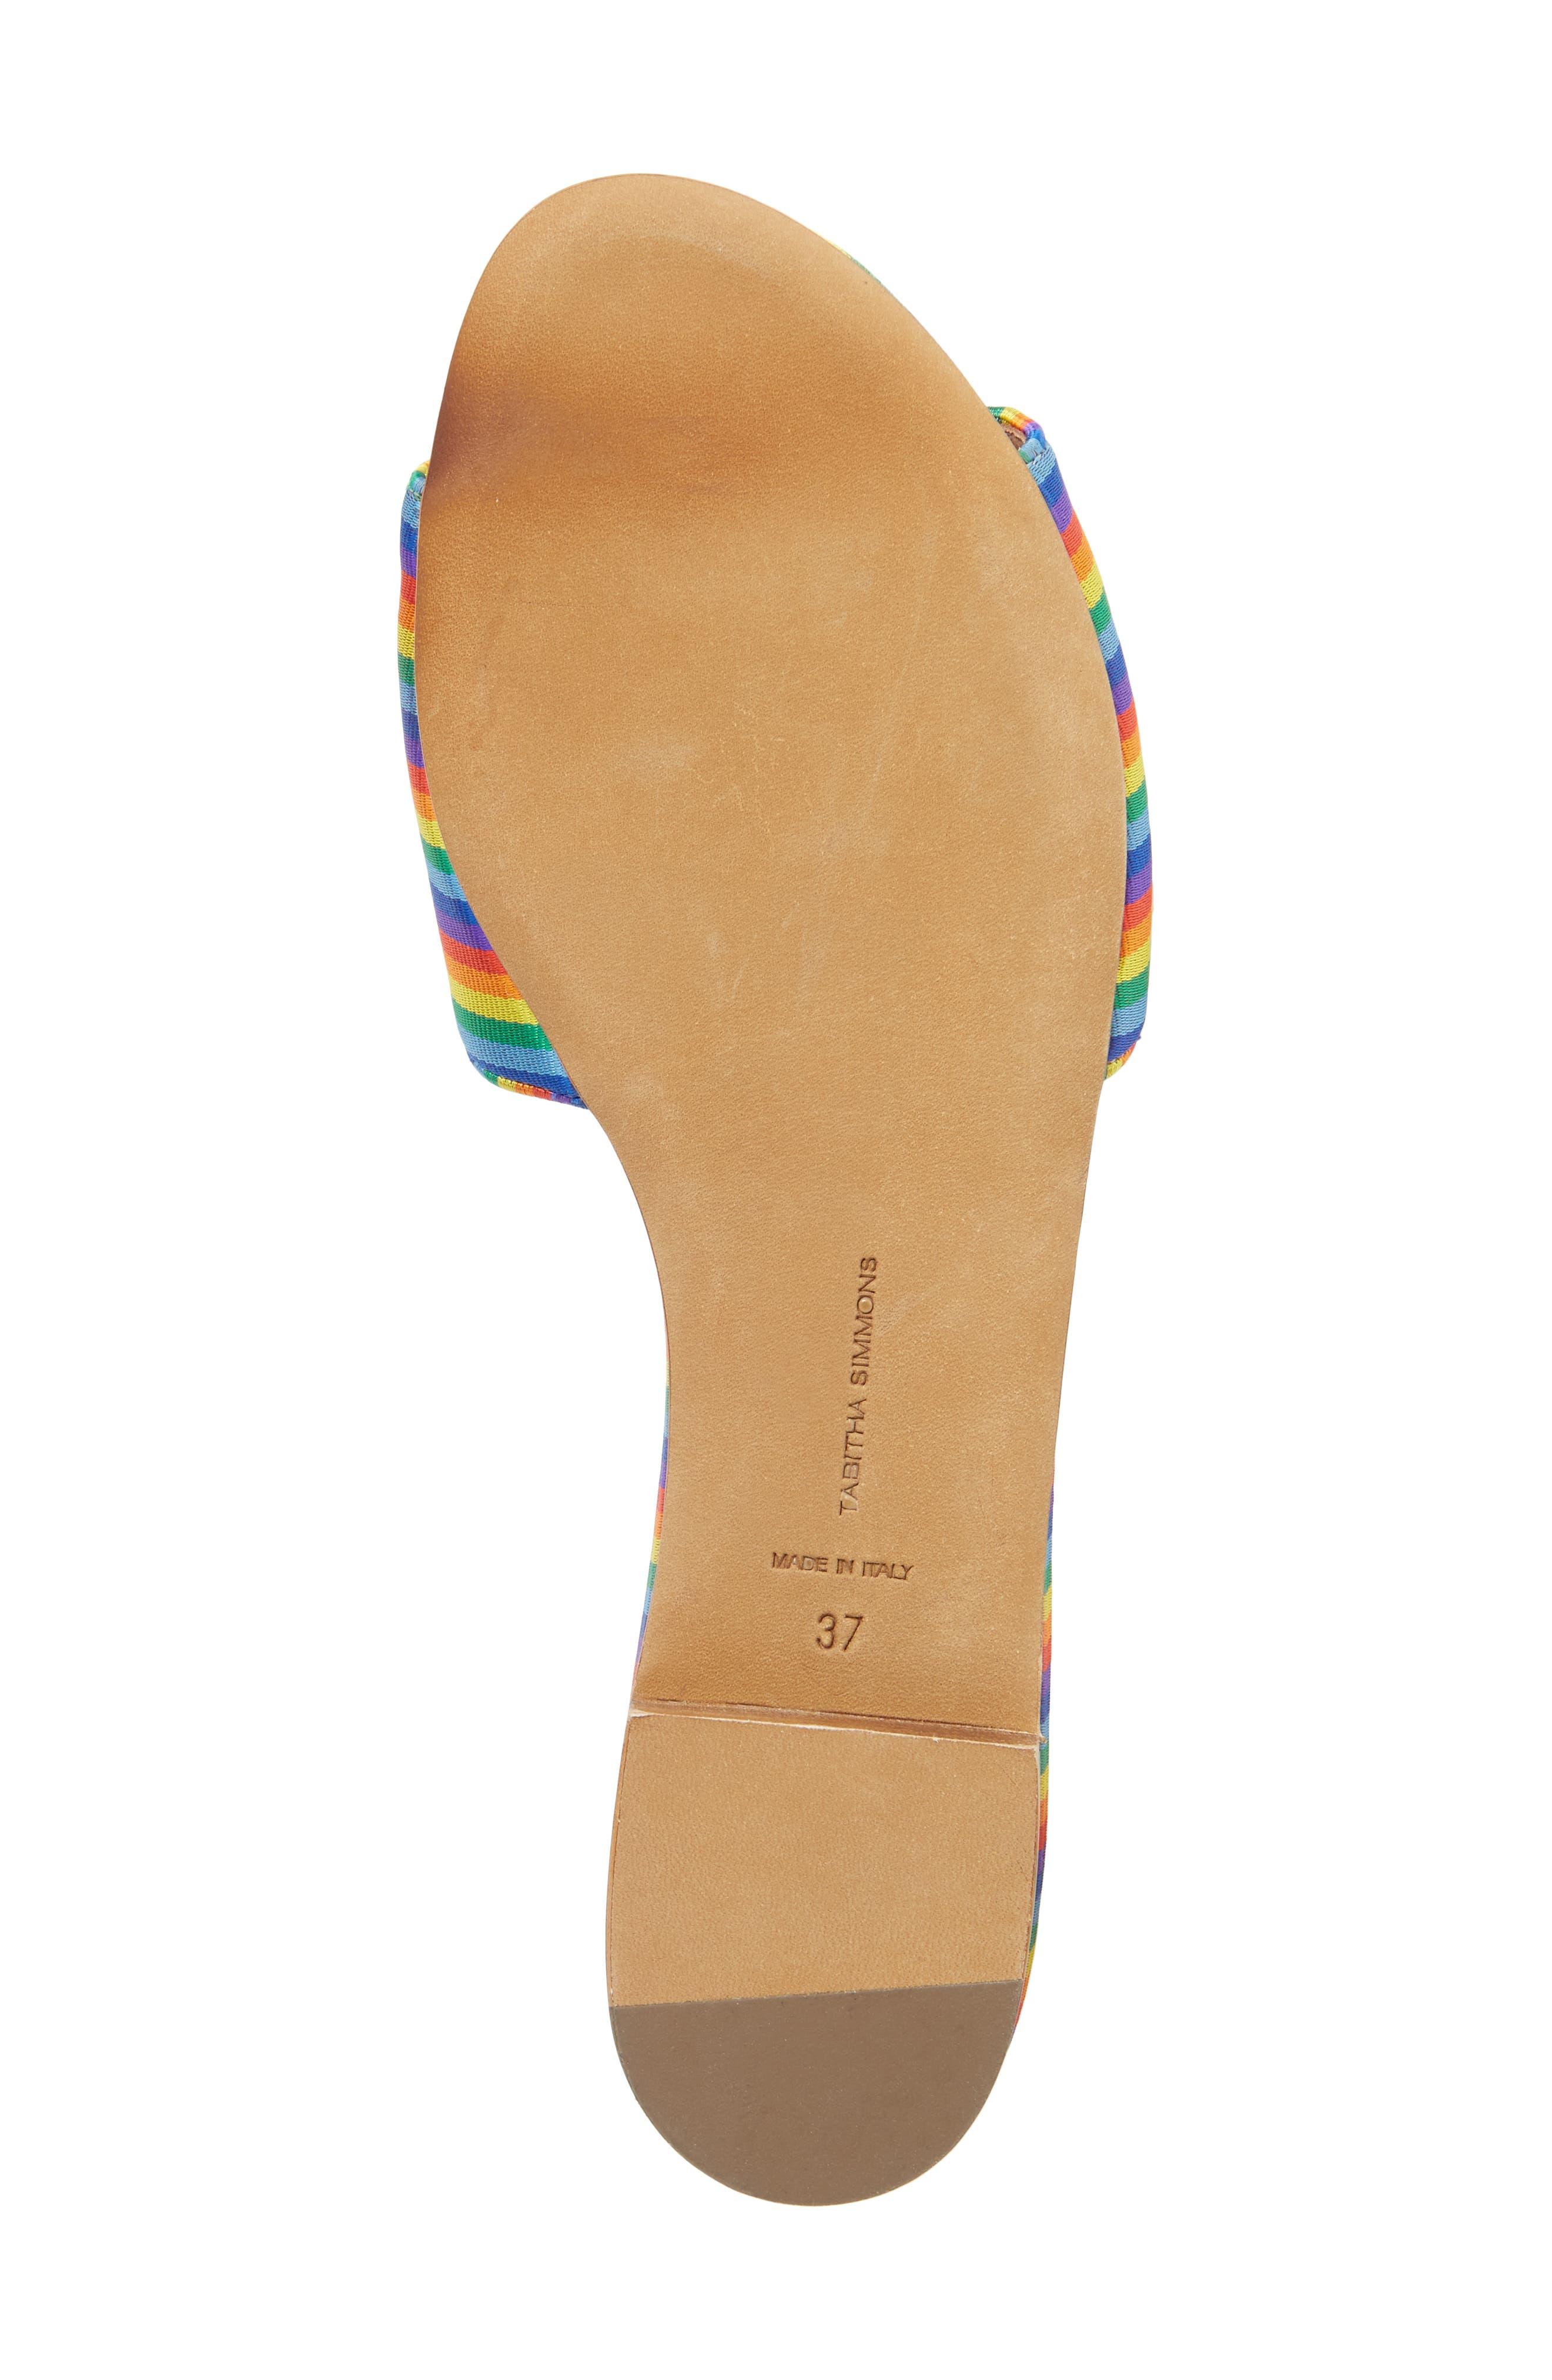 Sprinkles Slide Sandal,                             Alternate thumbnail 6, color,                             600